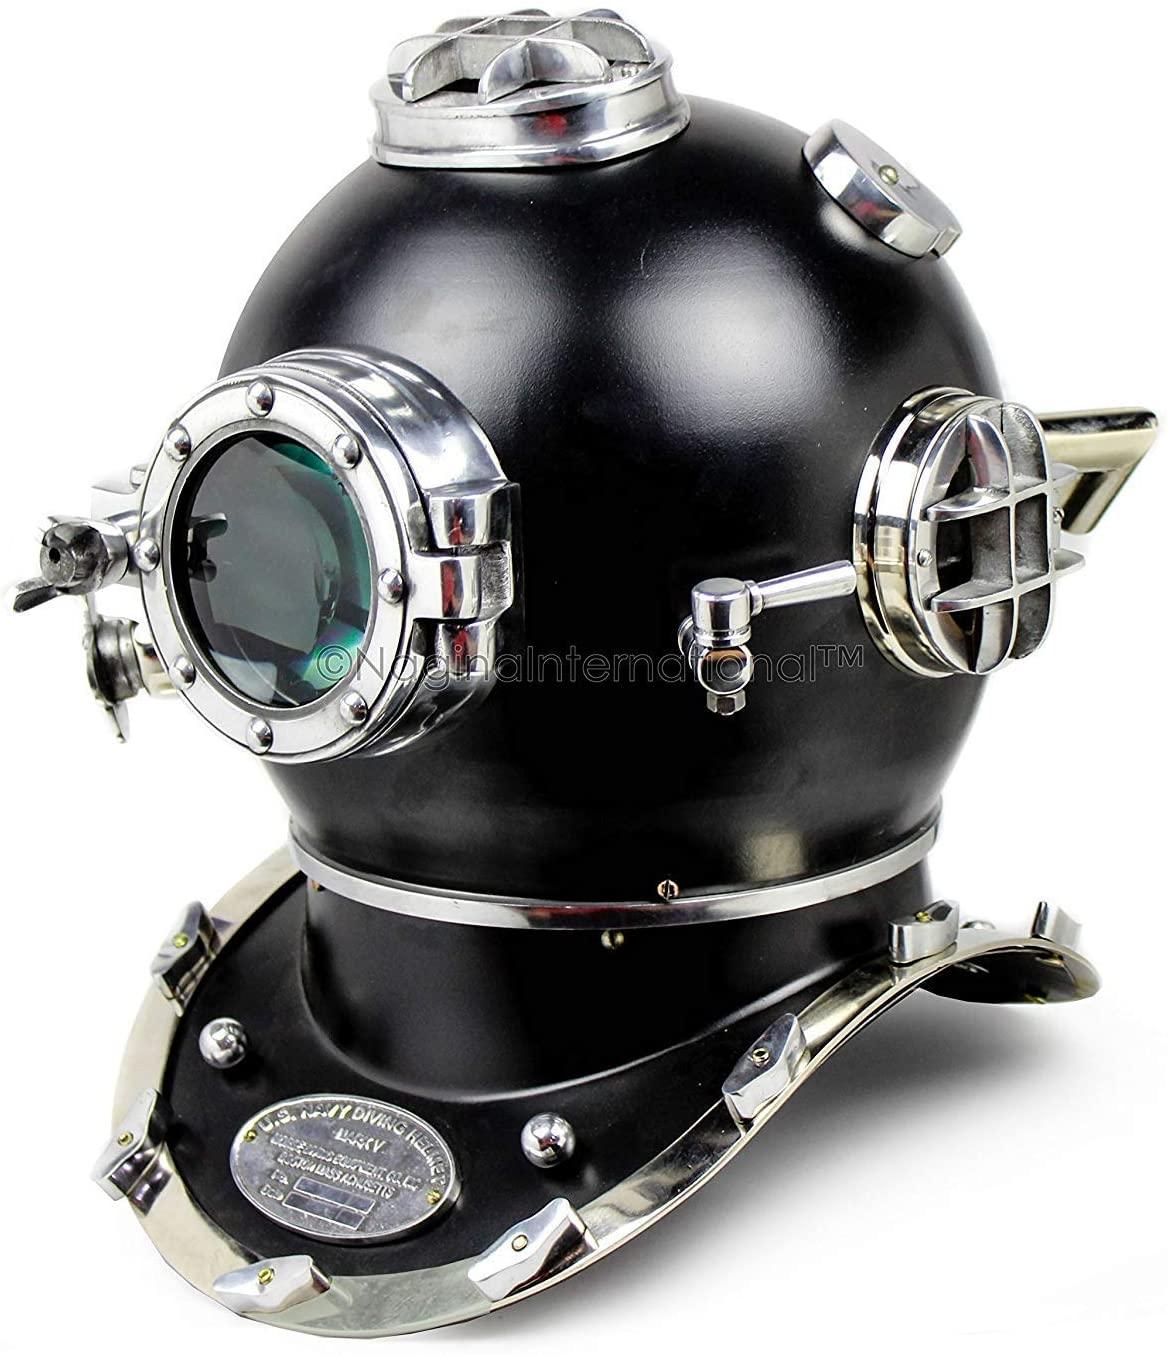 Shiv Shakti Trading 18 Scuba Diving Nautical Helmet   Maritime Ships Decorative Helmet   (Nickel Black)